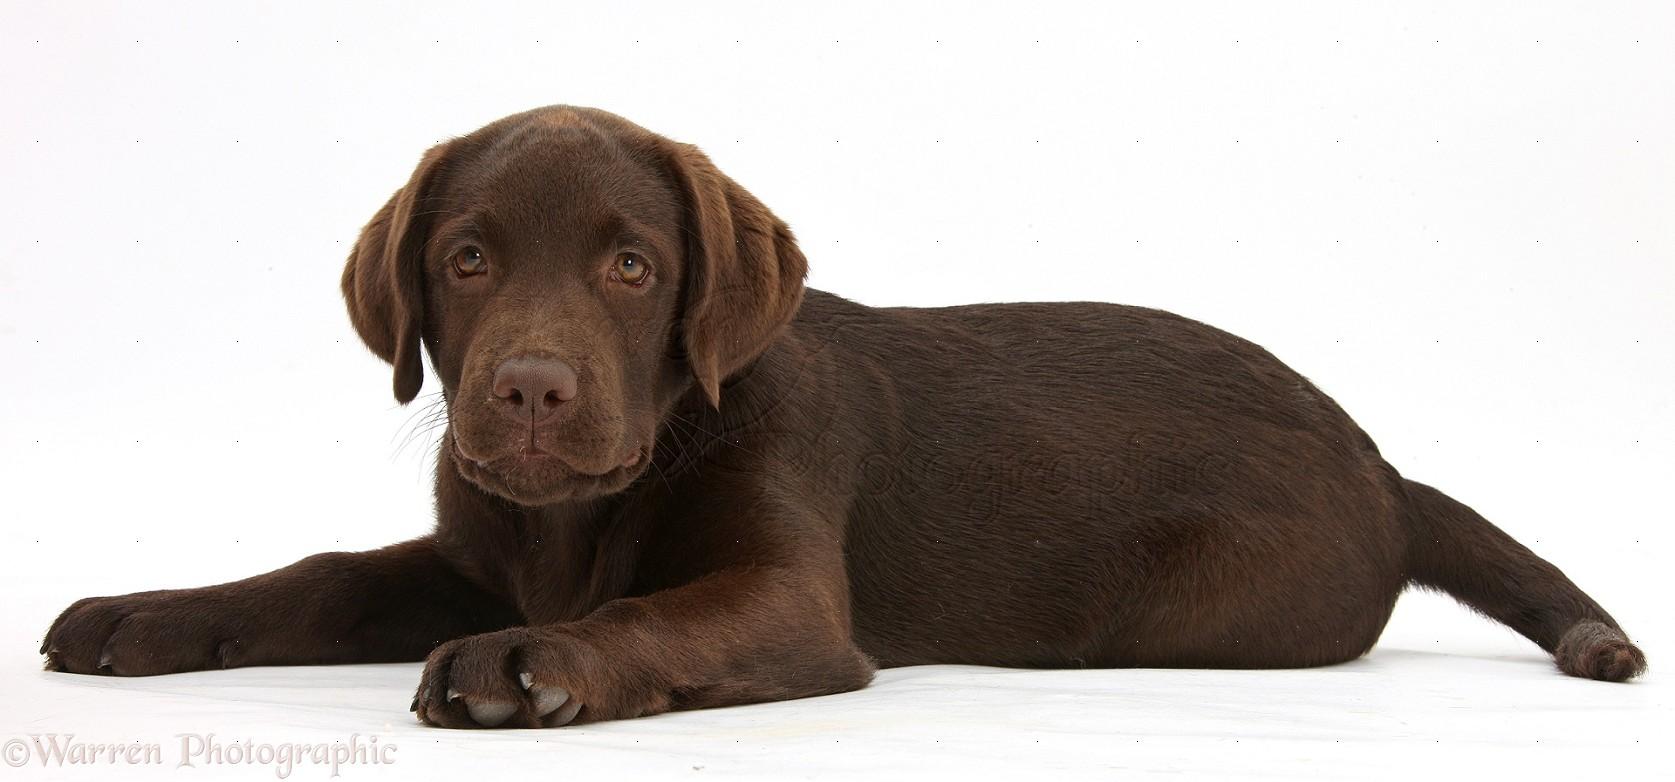 Chocolate Labrador wwwgalleryhipcom   The Hippest Pics 1675x782